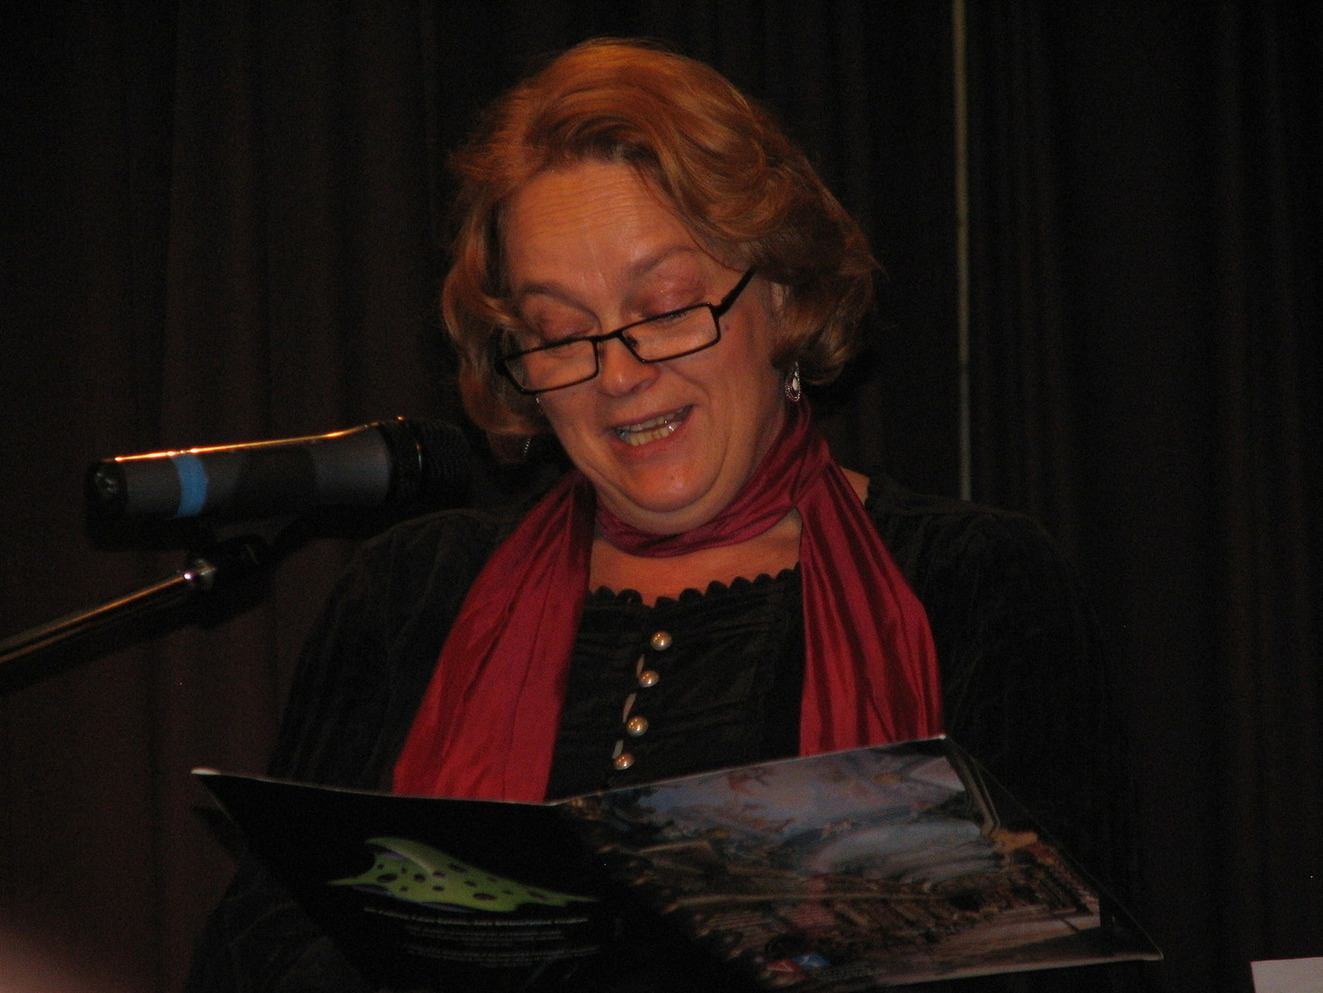 Herečka Jitka Smutná přednesla úryvek z knihy Vicki Myronové Dewey : kocour z knihovny, který okouzlil celý svět